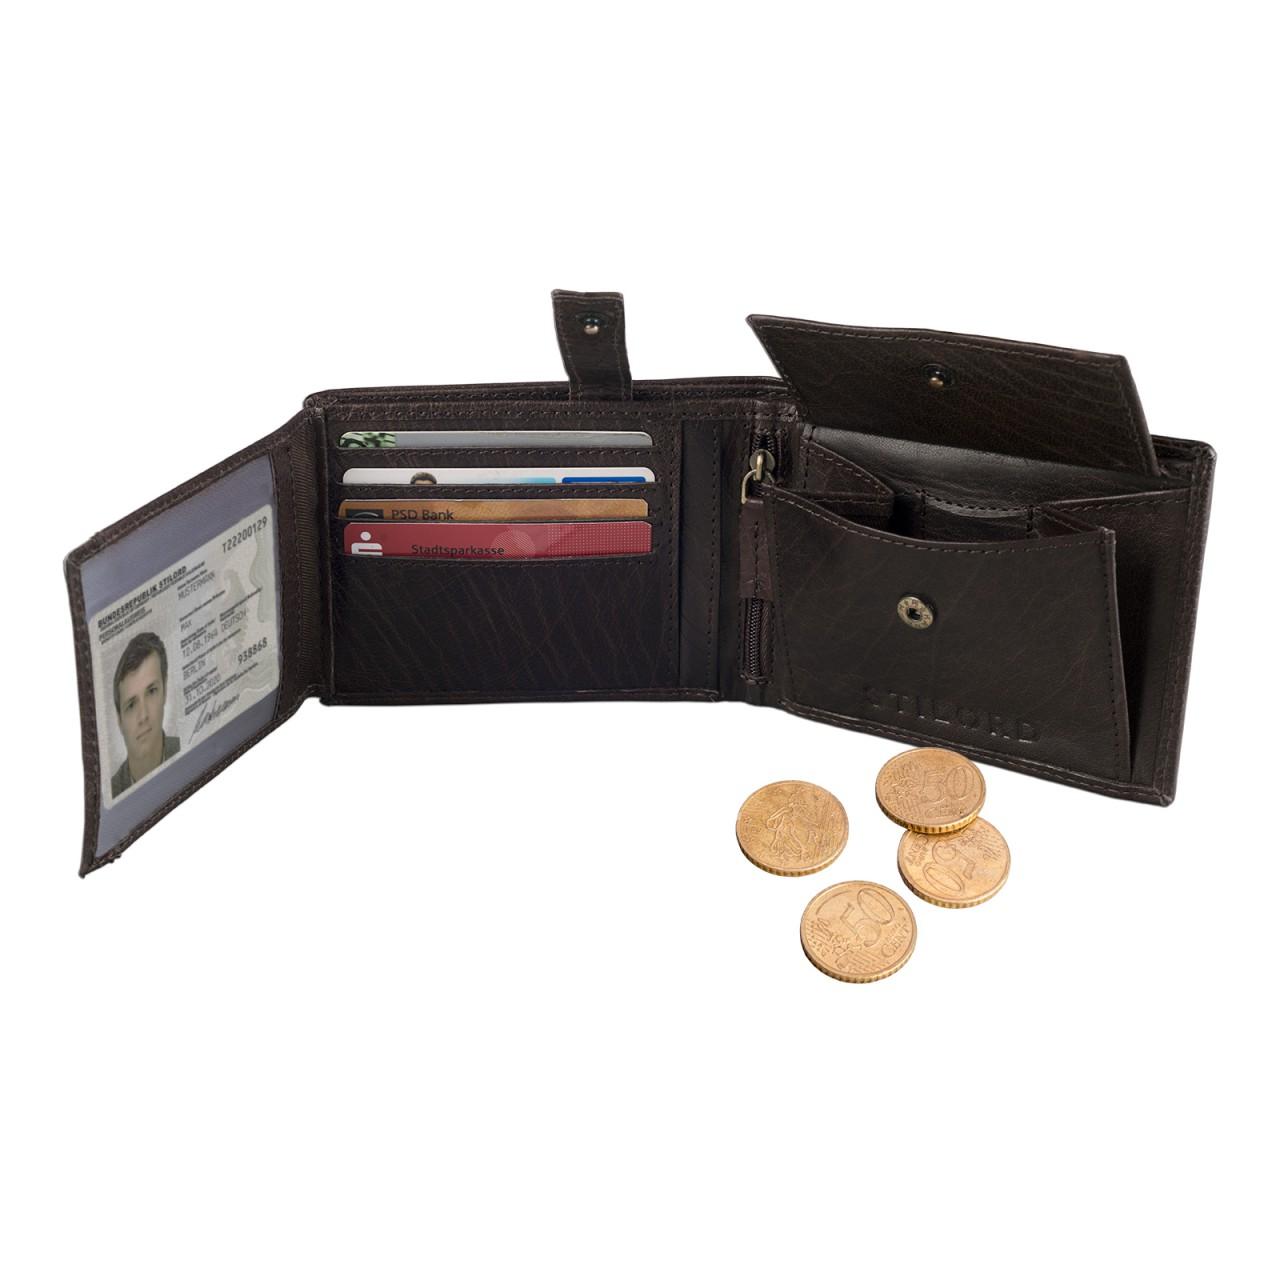 STILORD Portemonnaie Herren aus Leder Geldbörse Portmonee Brieftasche Geldbeutel Geldtasche Kartenfach Leder braun - Bild 2